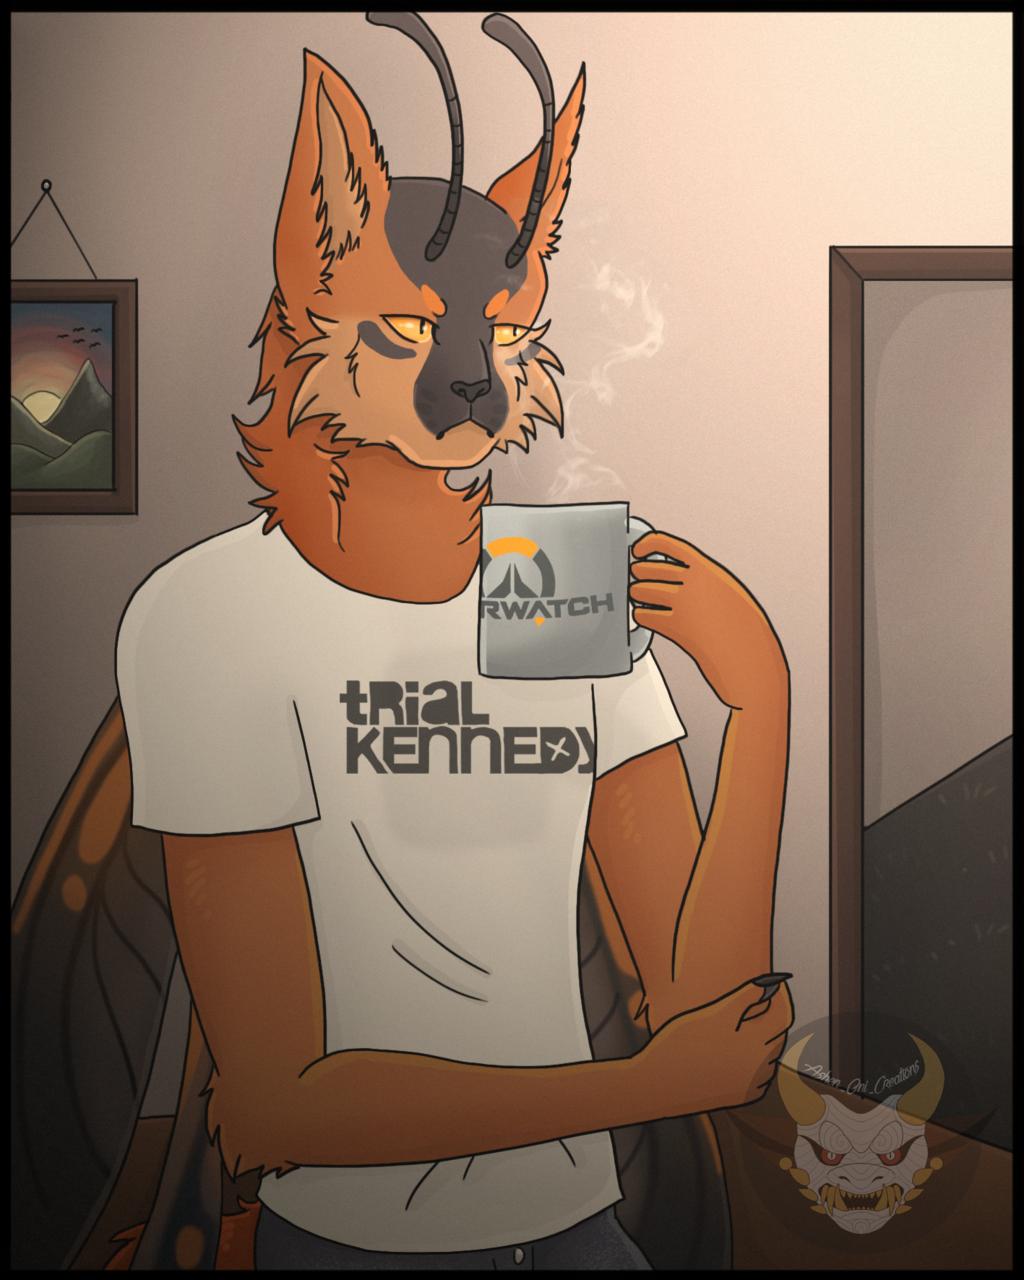 Personal - Elijah's Morning